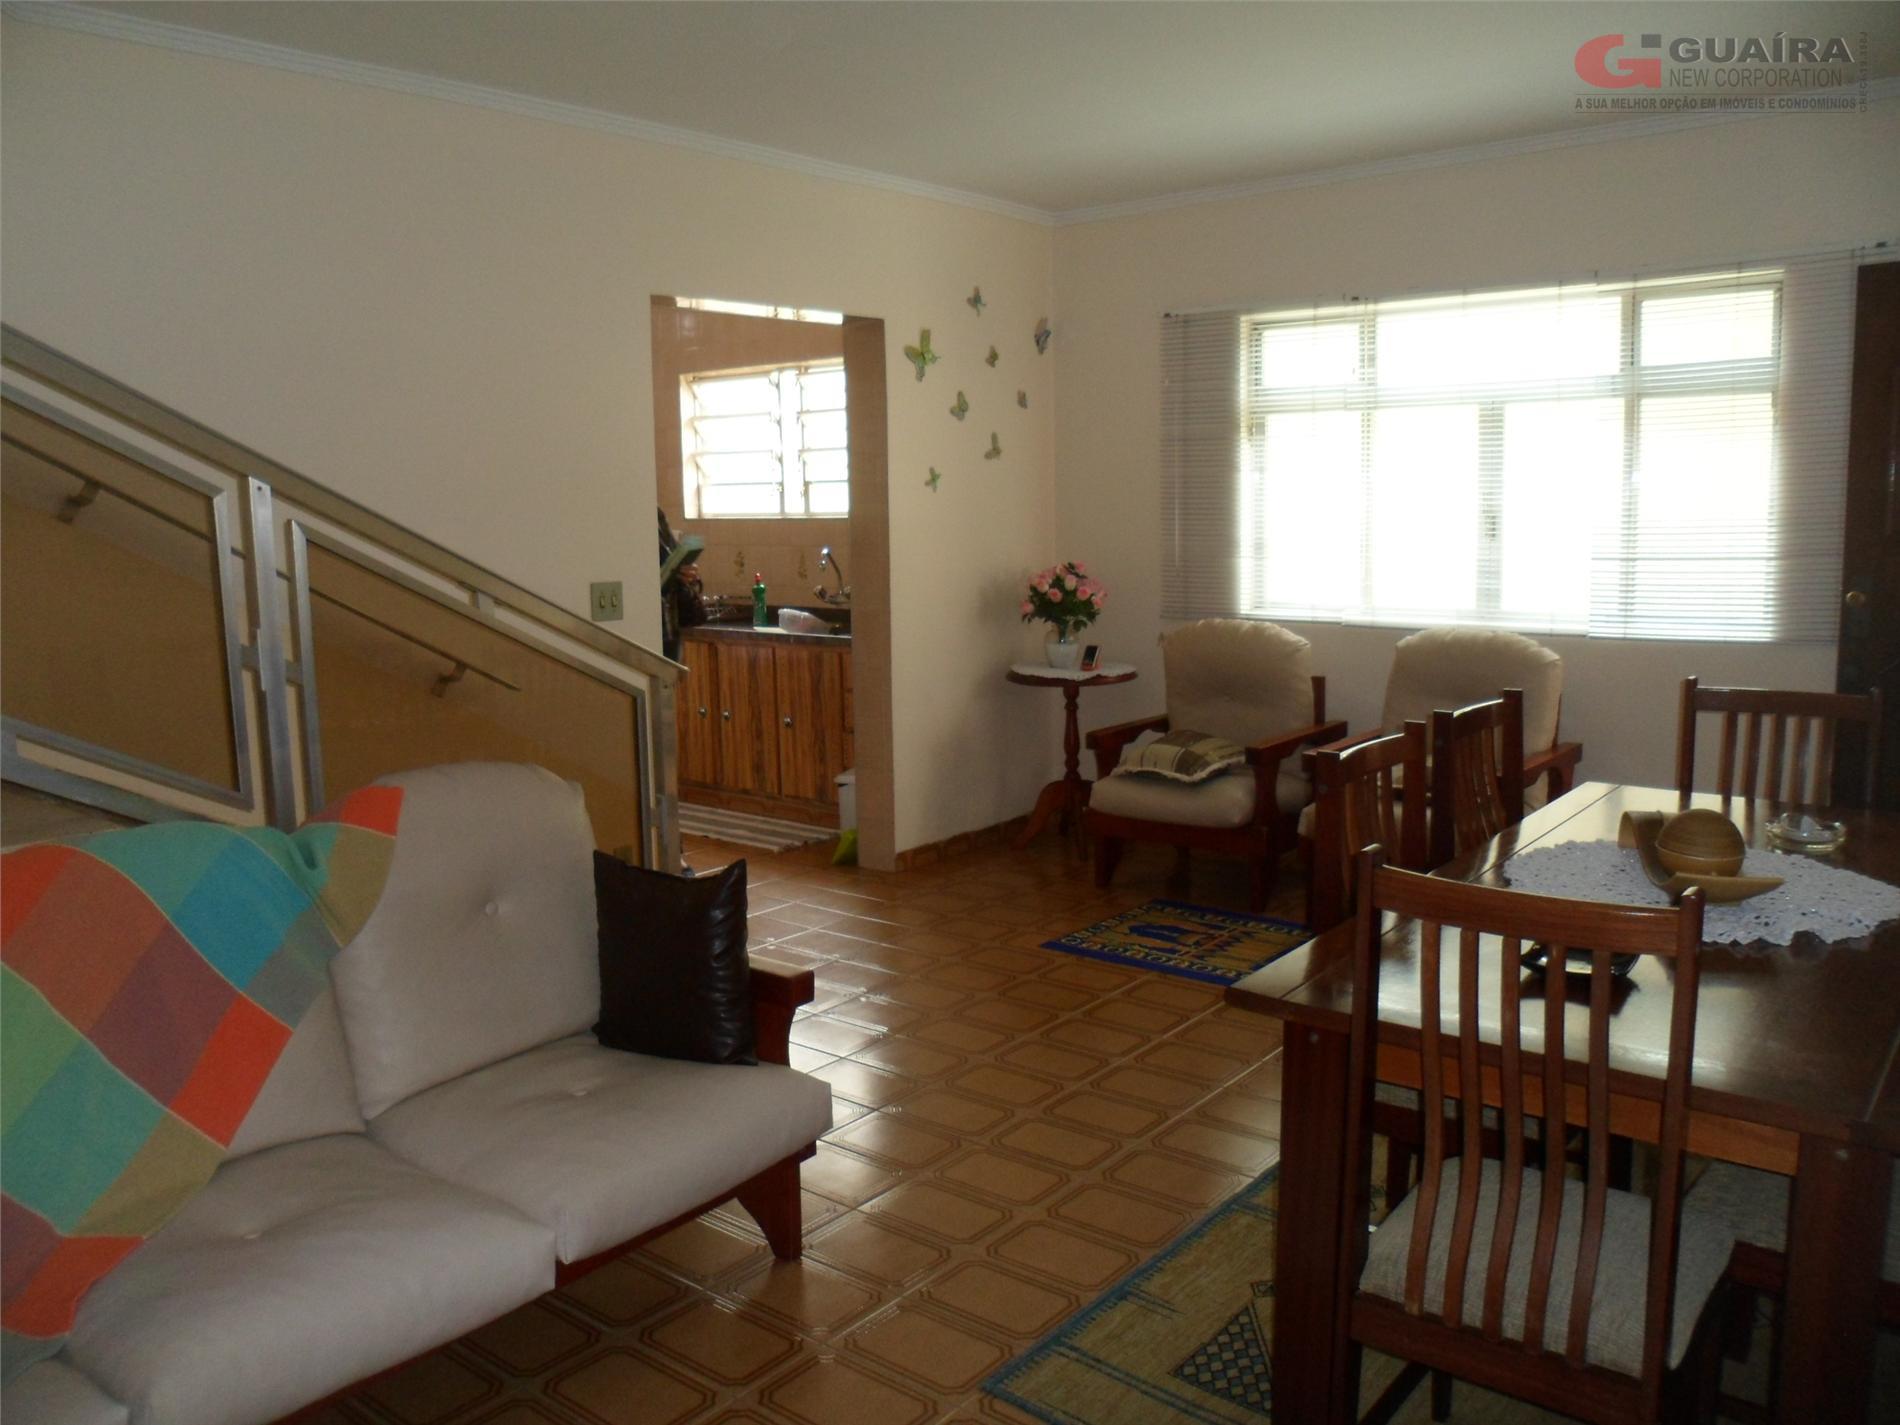 Sobrado de 4 dormitórios em Jardim Bom Pastor, Santo André - SP